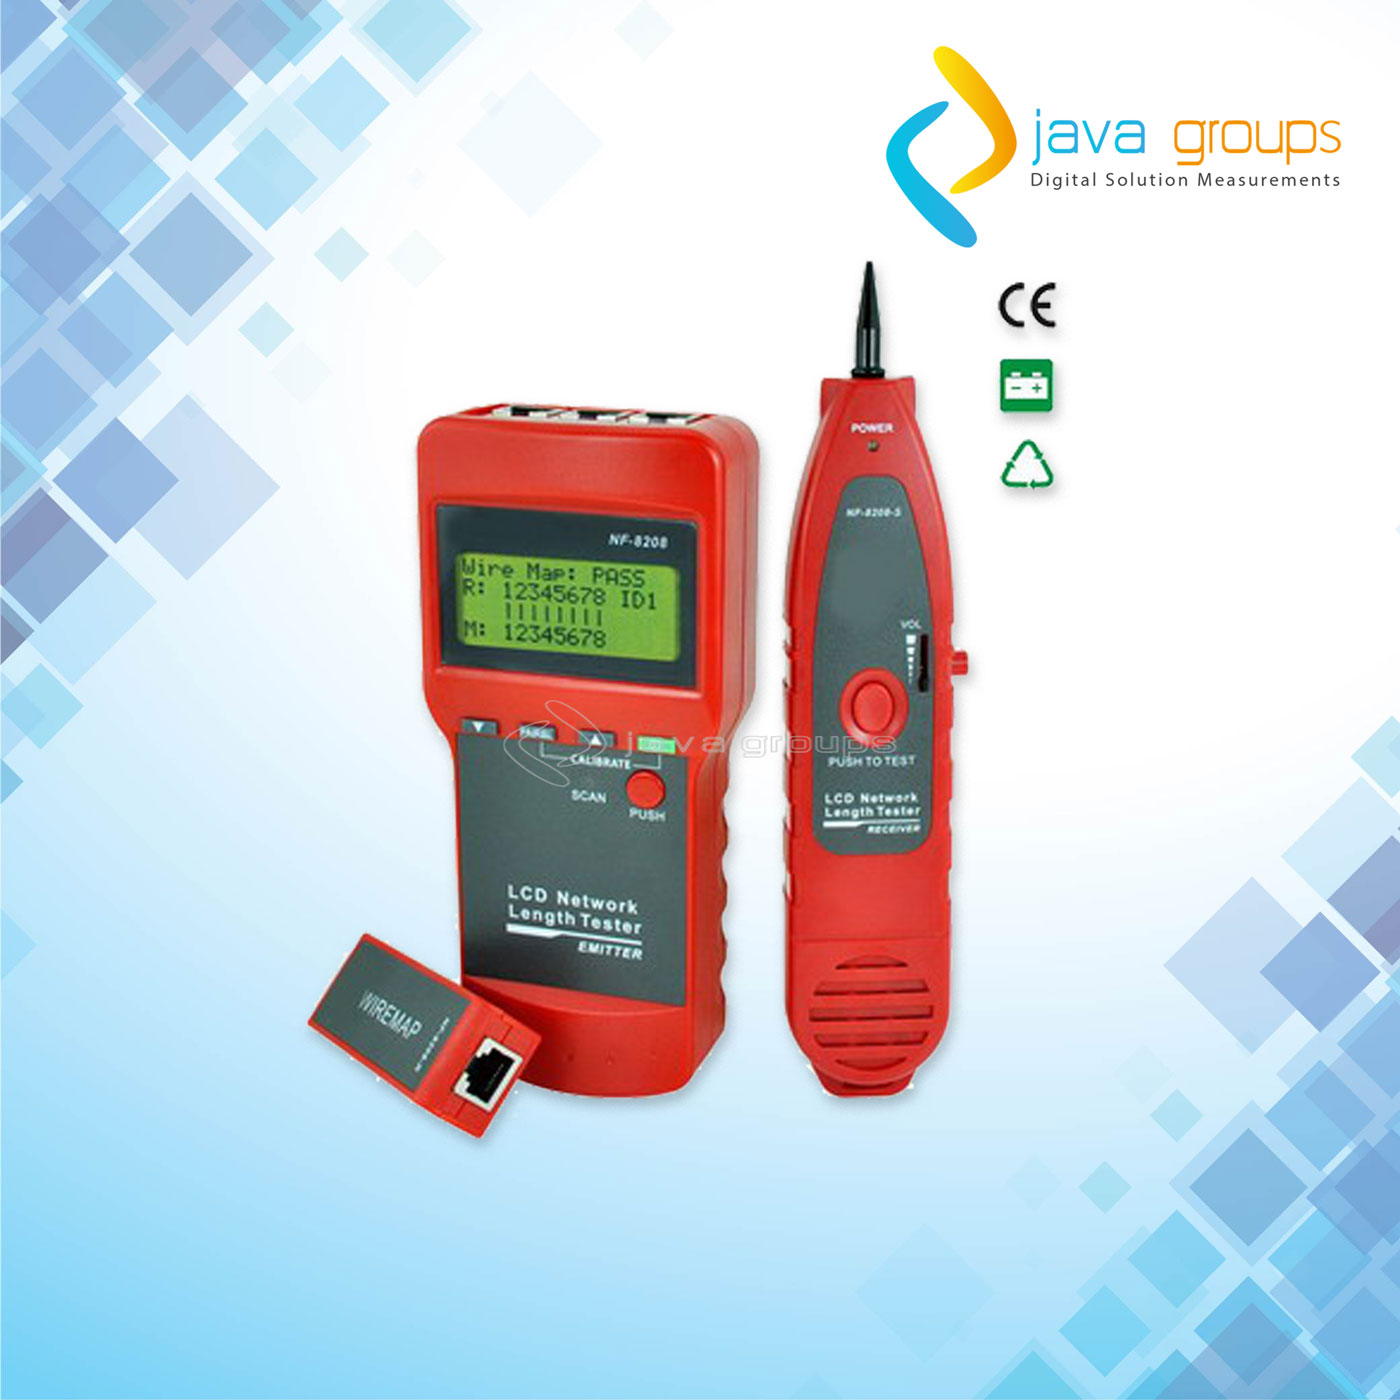 Alat Penguji Kabel Jaringan Multifungsi N8208